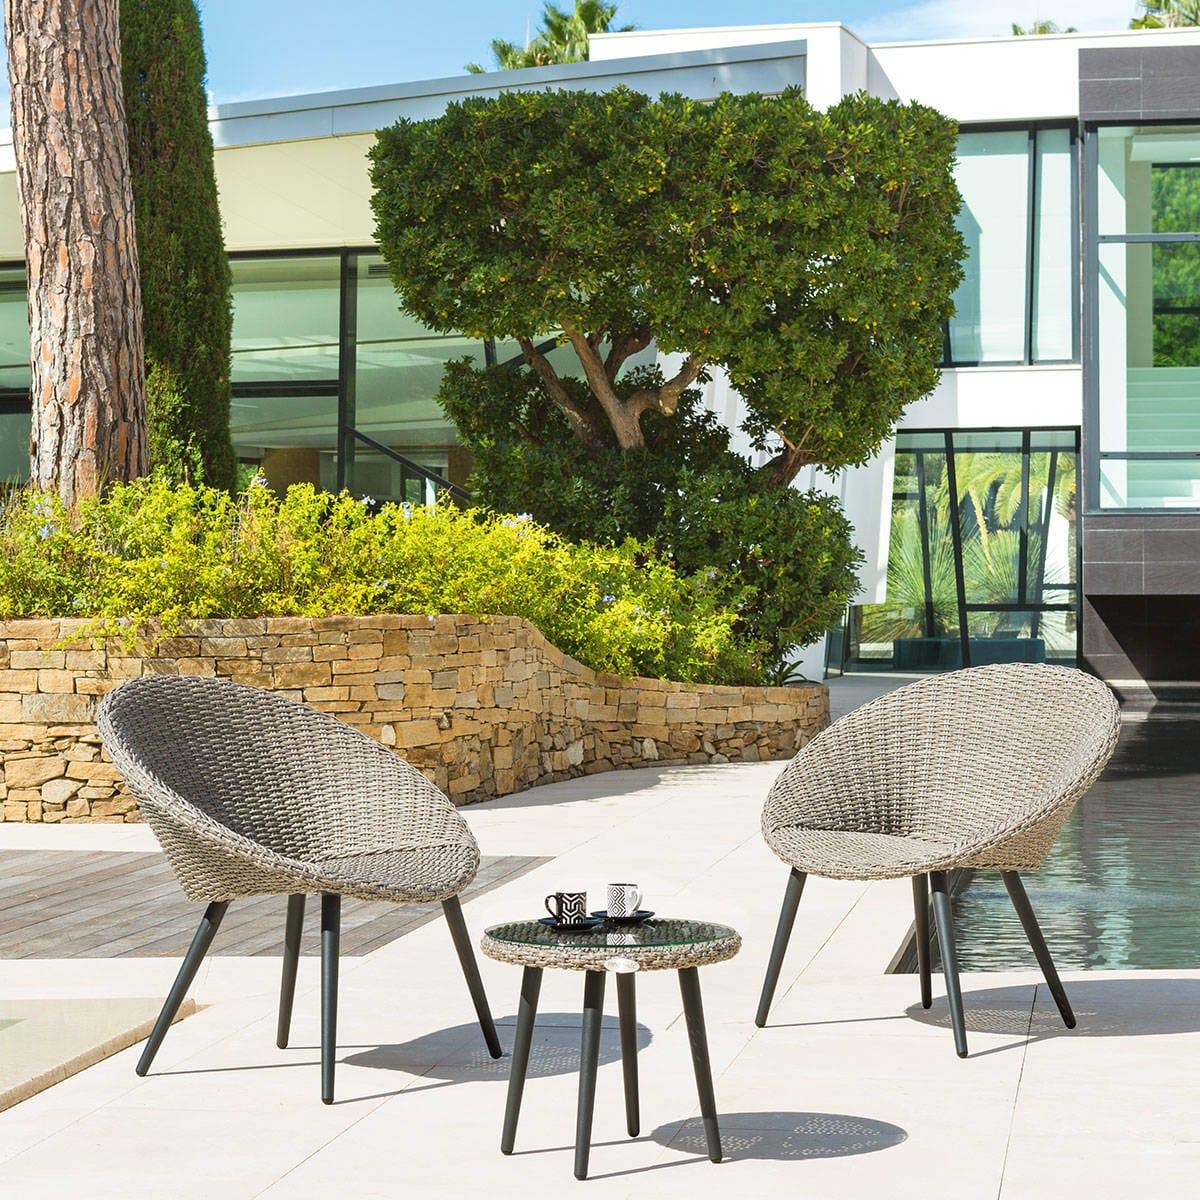 Salon de jardin Duo Canberra Sépia Hespéride 2 places